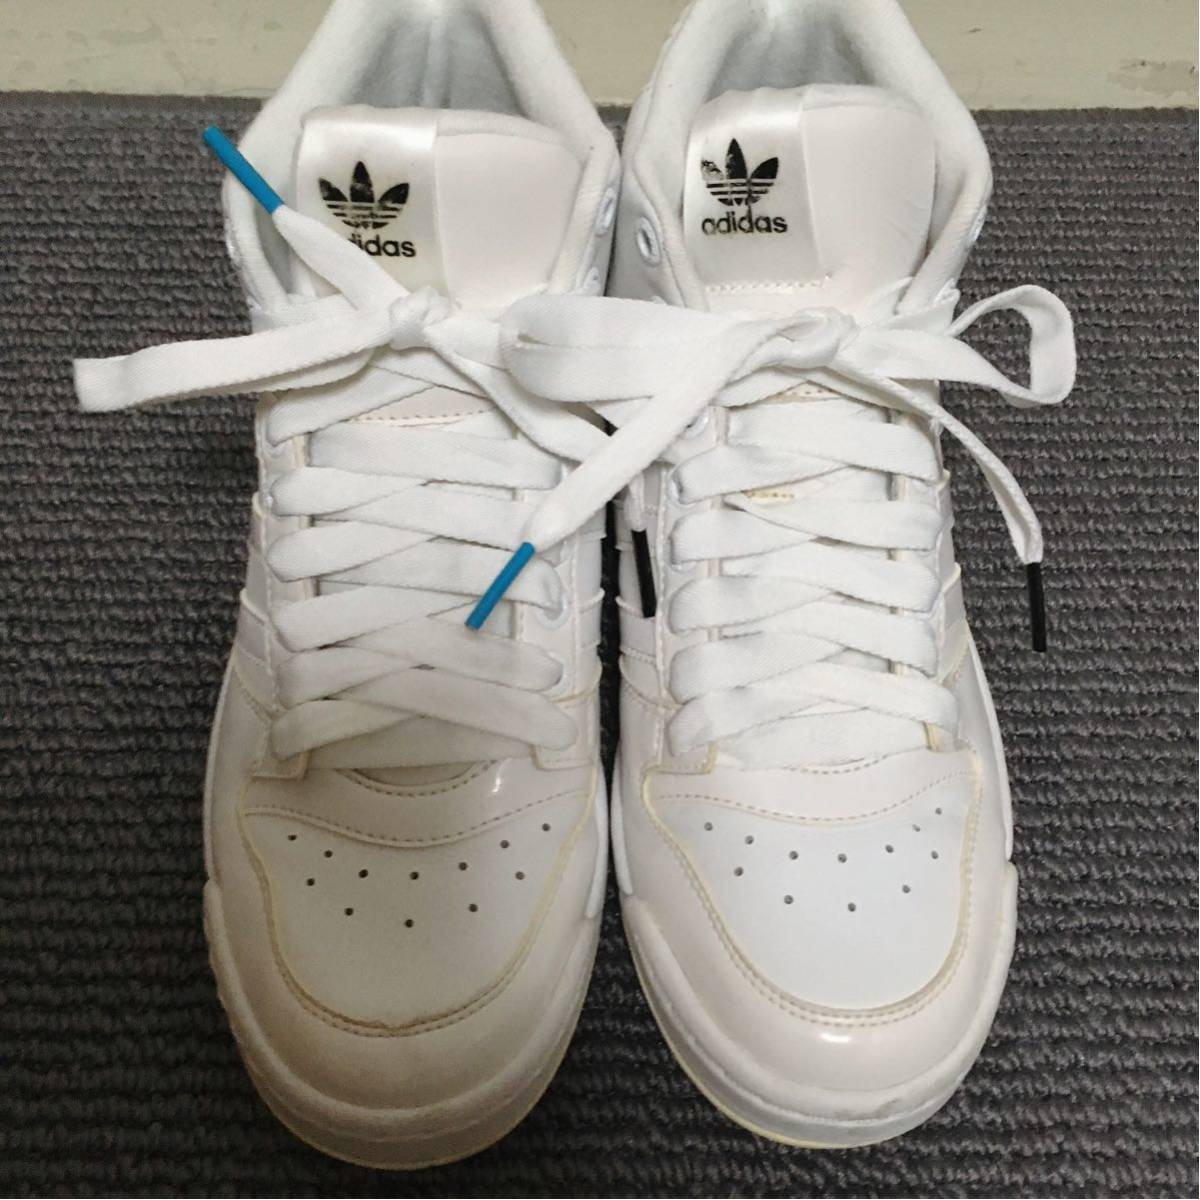 【極美品】adidas ハイカットスニーカー 白 23.5 アディダス_画像5